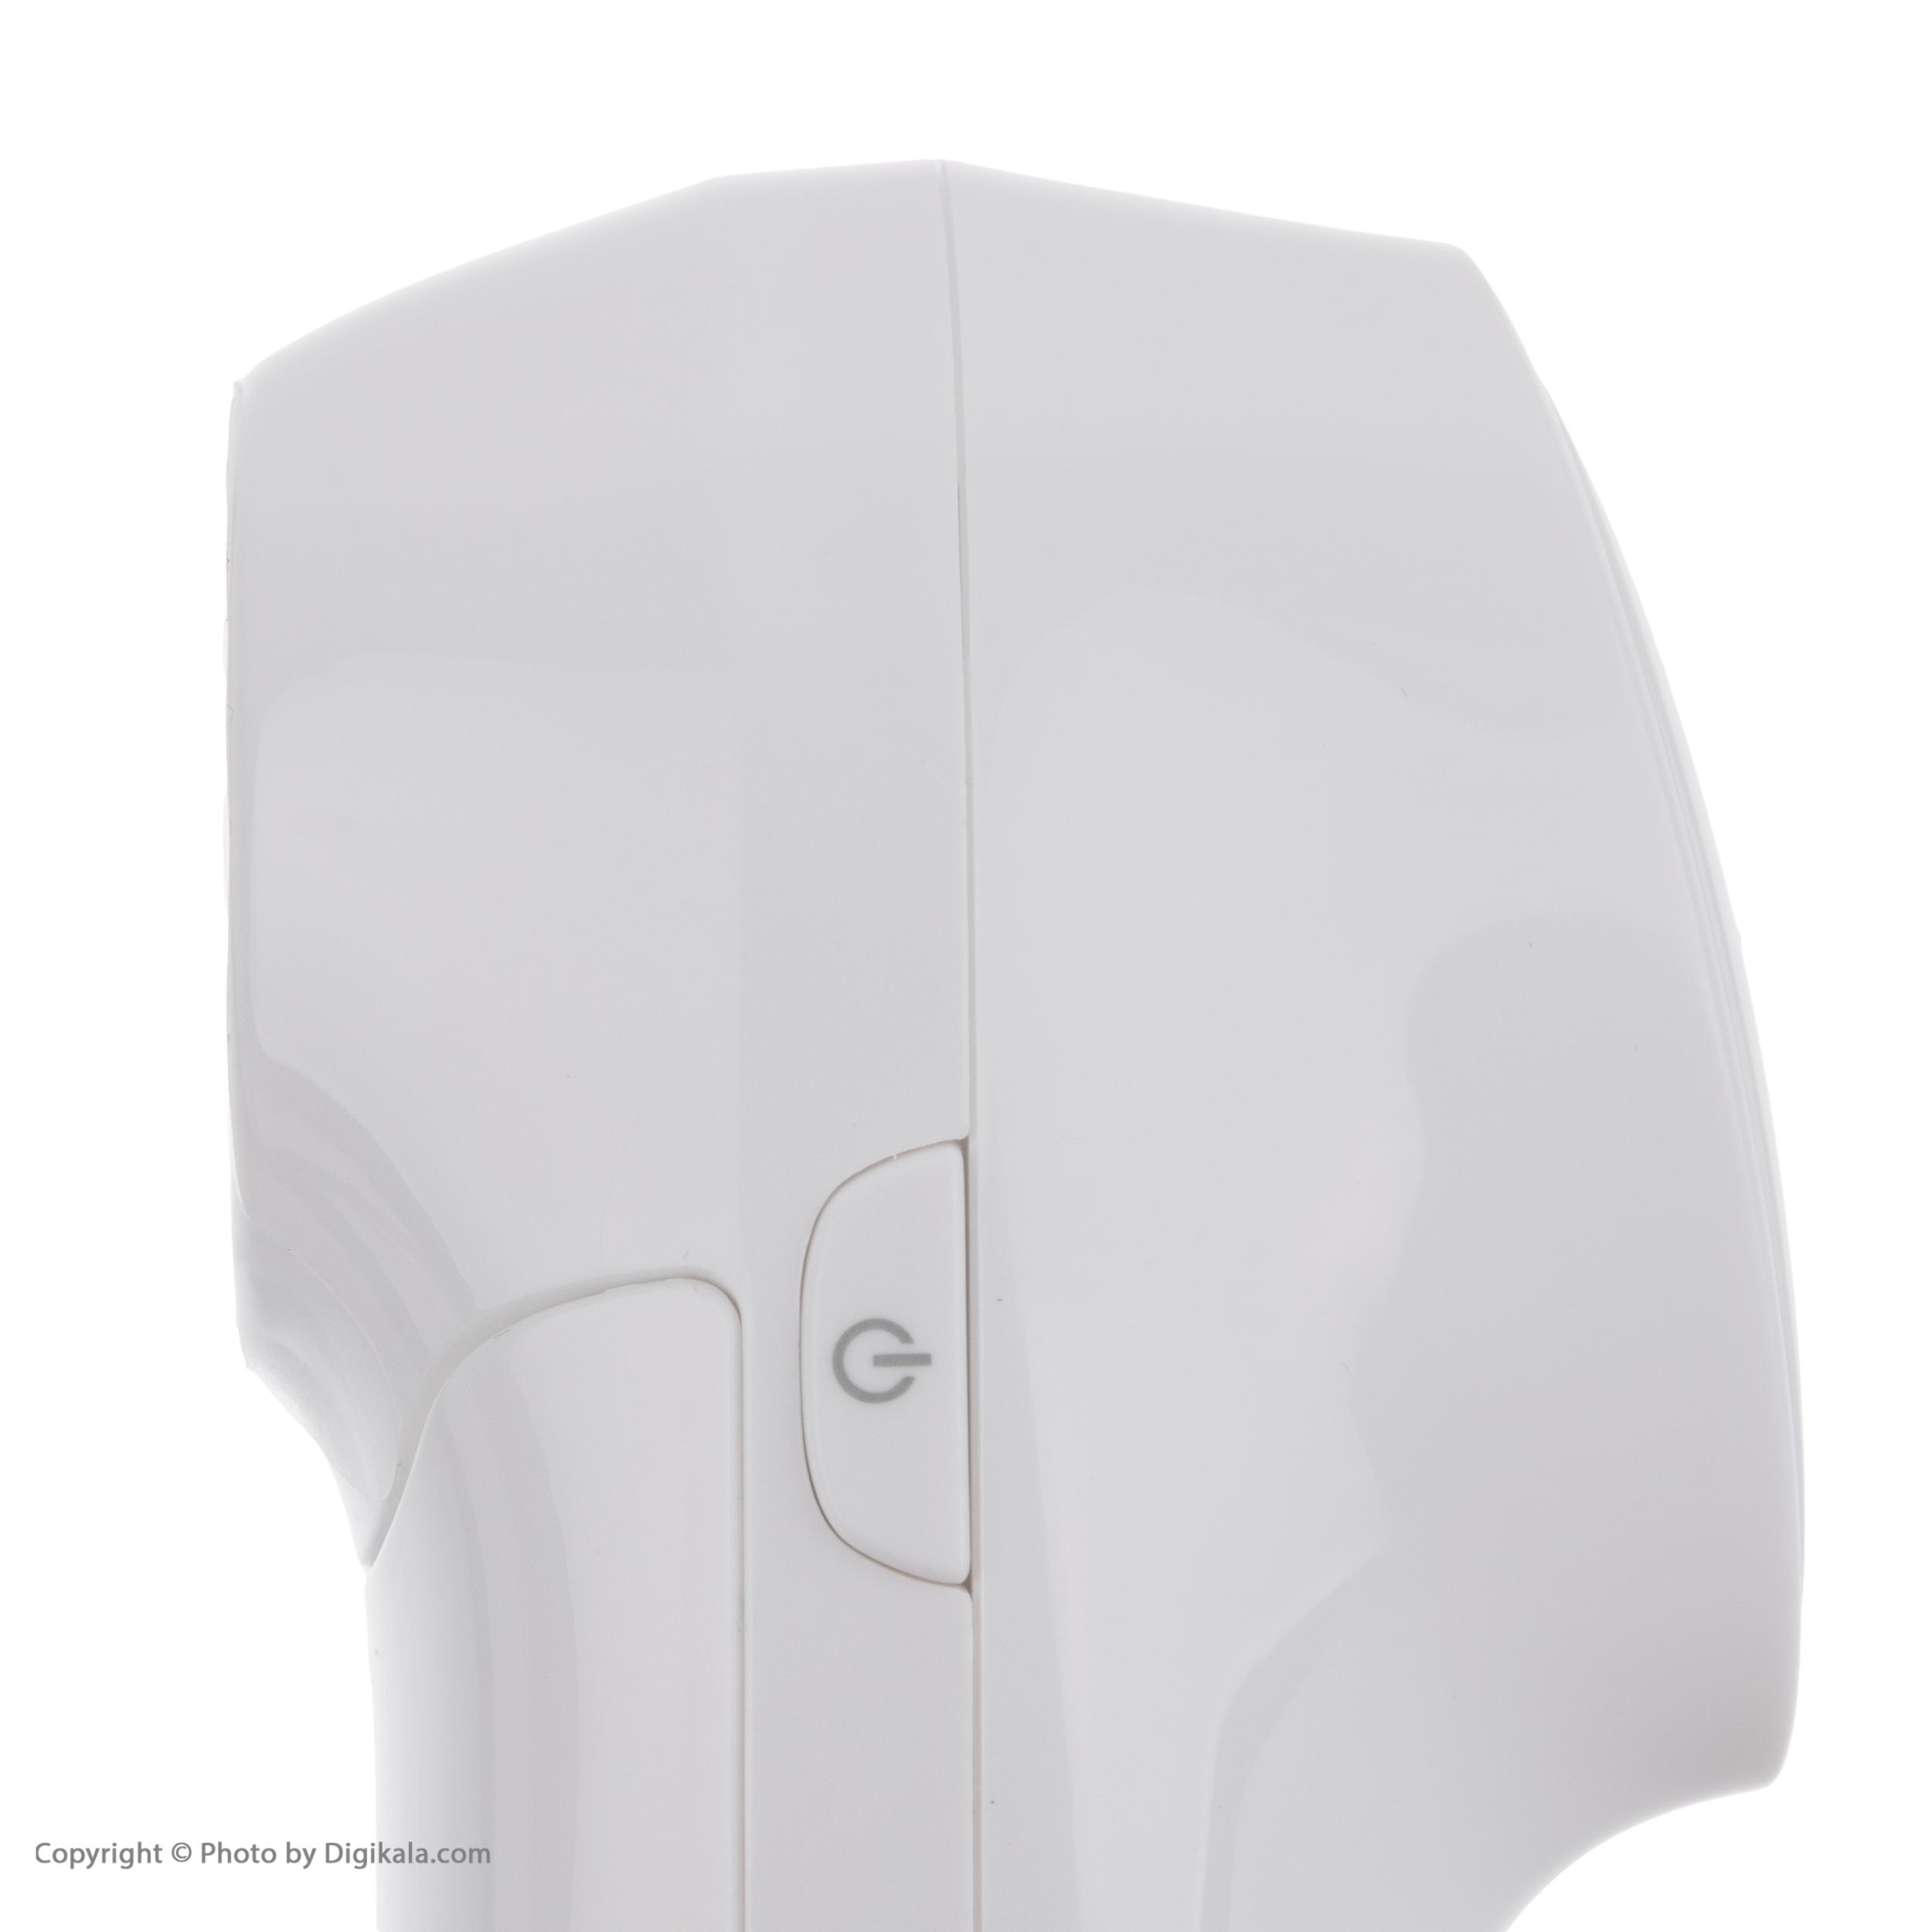 خرید                                     دستگاه شنود و ضبط صدای قلب جنین جامپر مدل AngelSounds  JPD-100S9